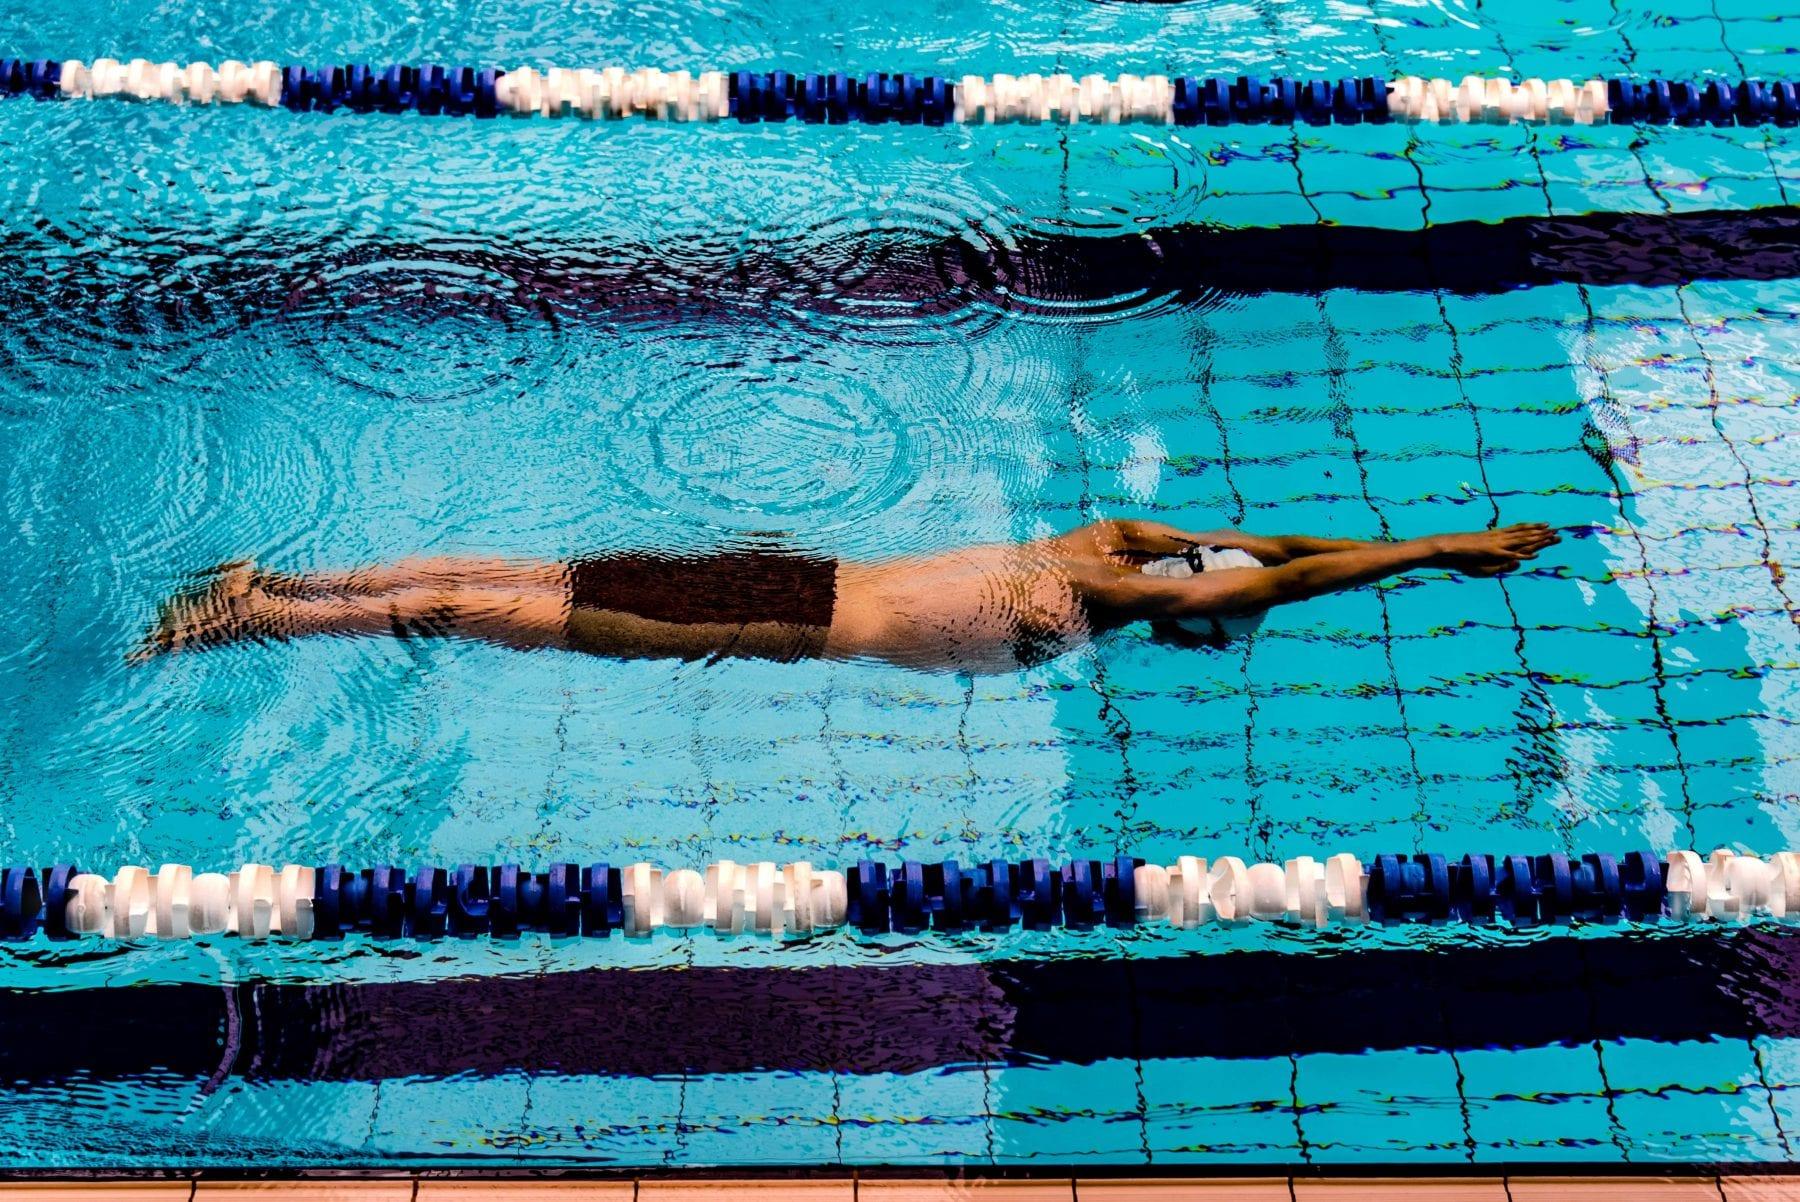 Nuoto e Palestra | Va Bene Praticarli Insieme? La Scheda